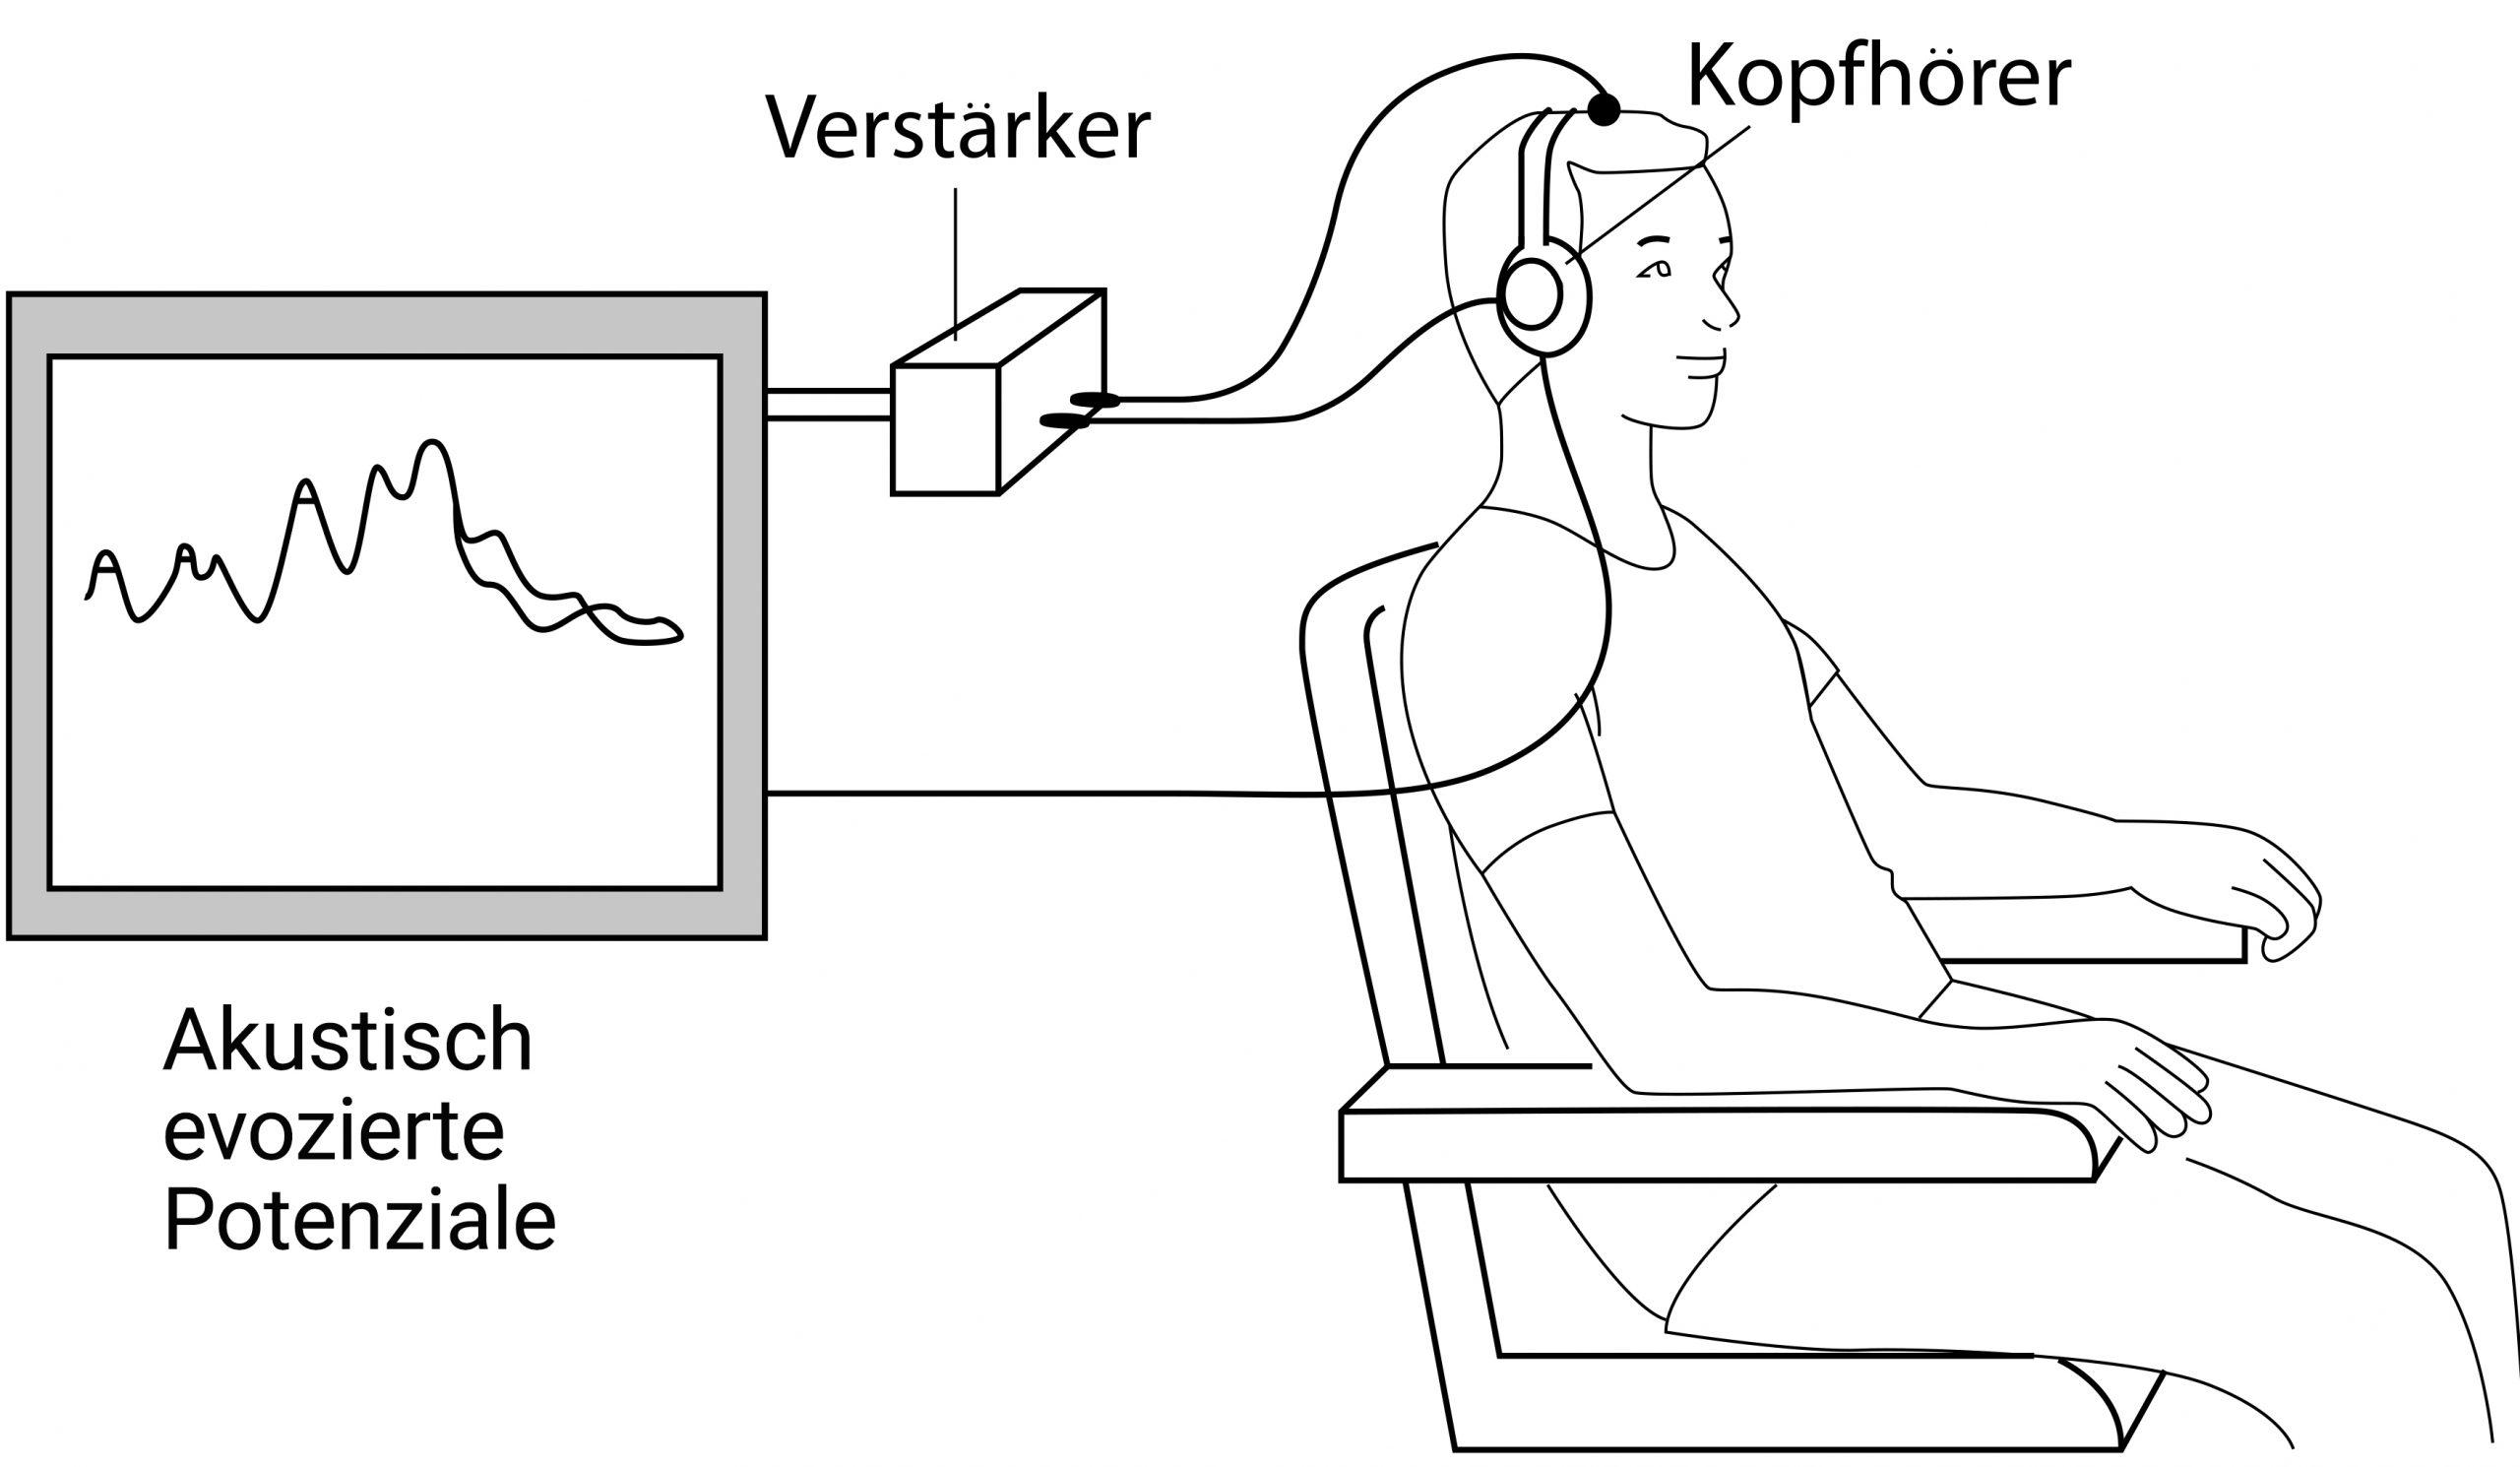 Akustisch Evozierte Potenziale